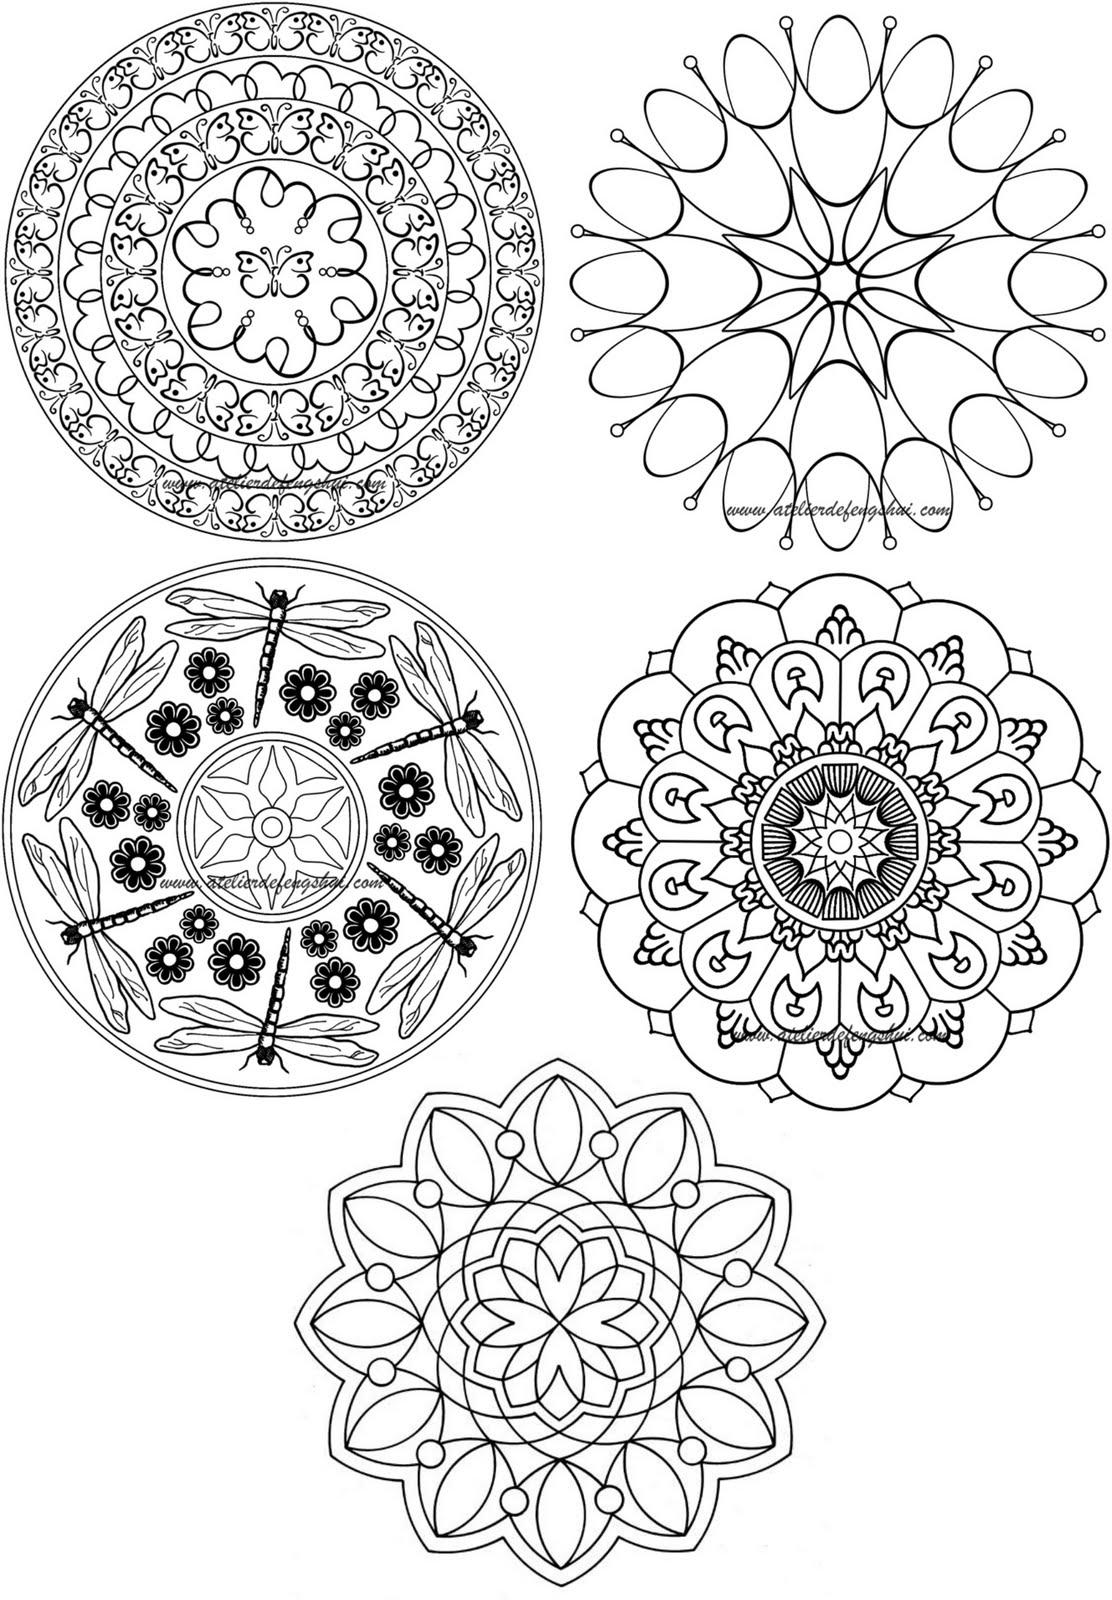 AMARILLO DE PLATA: Diseño para pintar